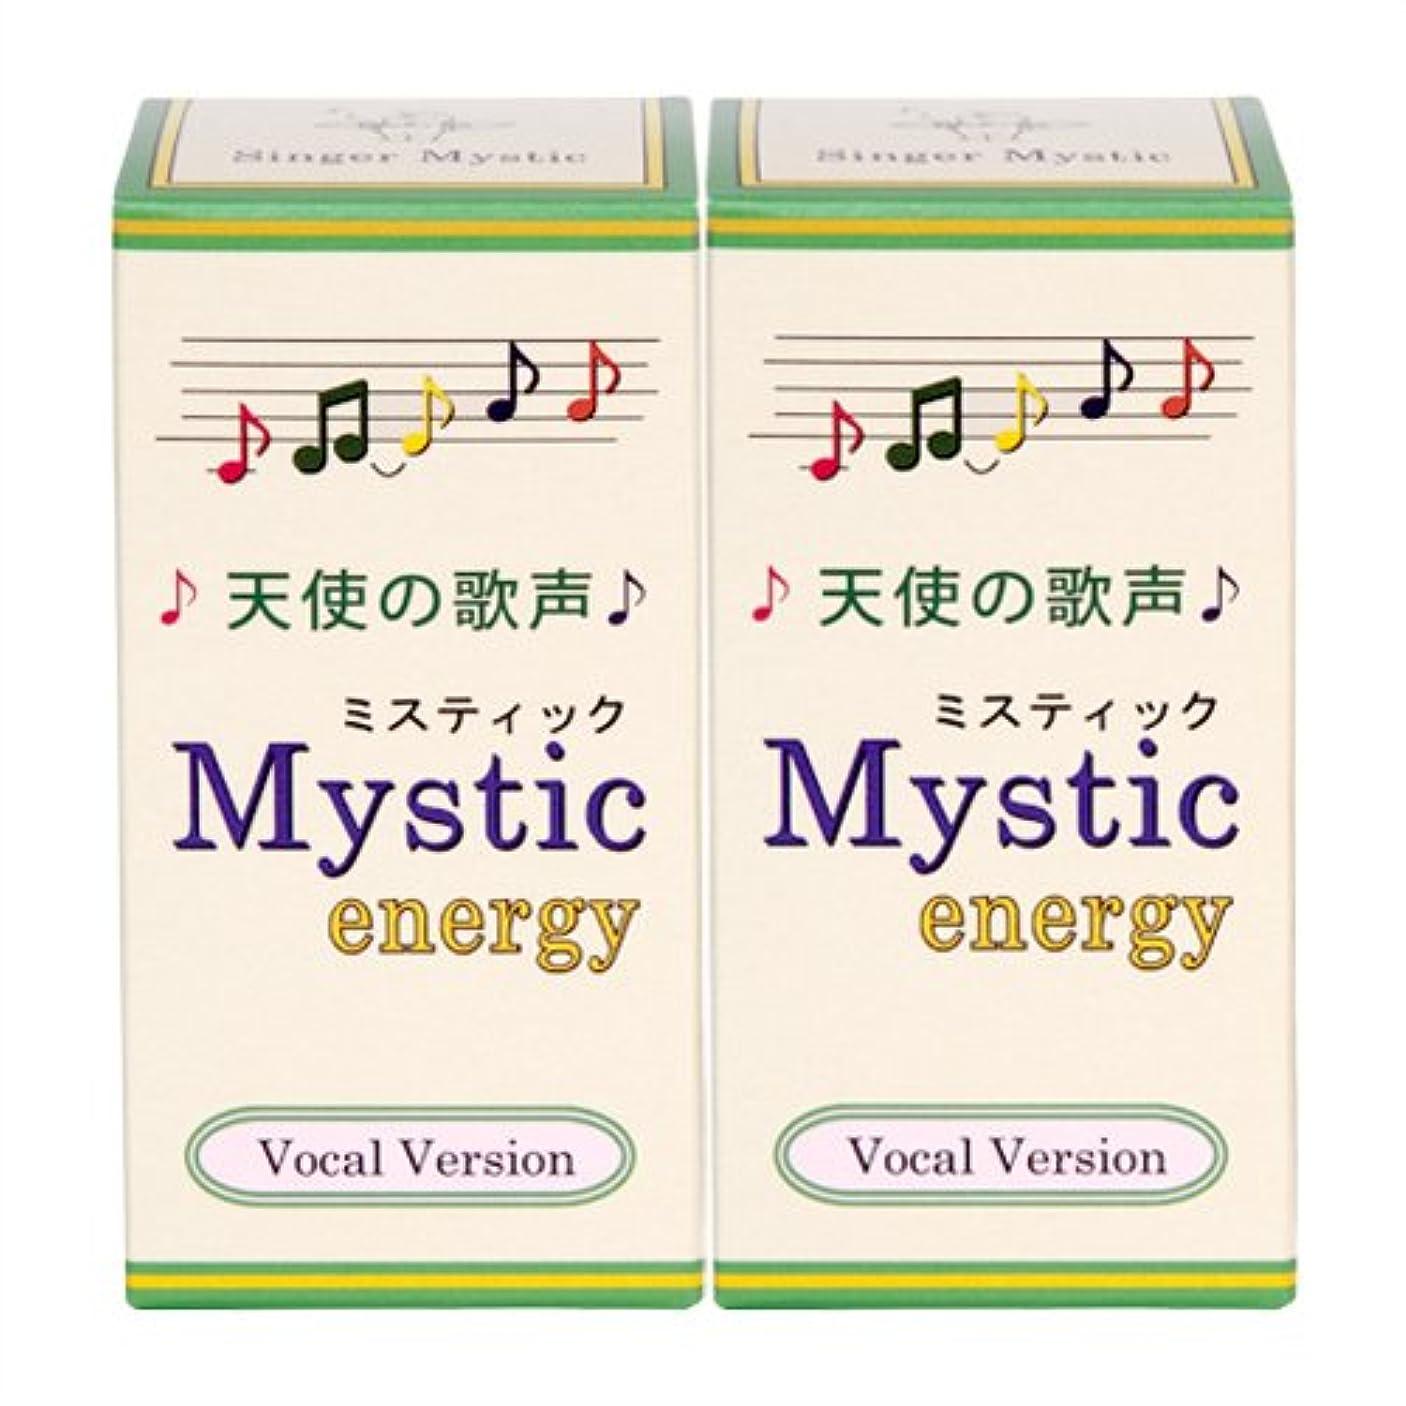 塗抹うまれた経過天使の歌声 ミスティックエナジー (Mystic Energy) 60粒入り x2個 セット